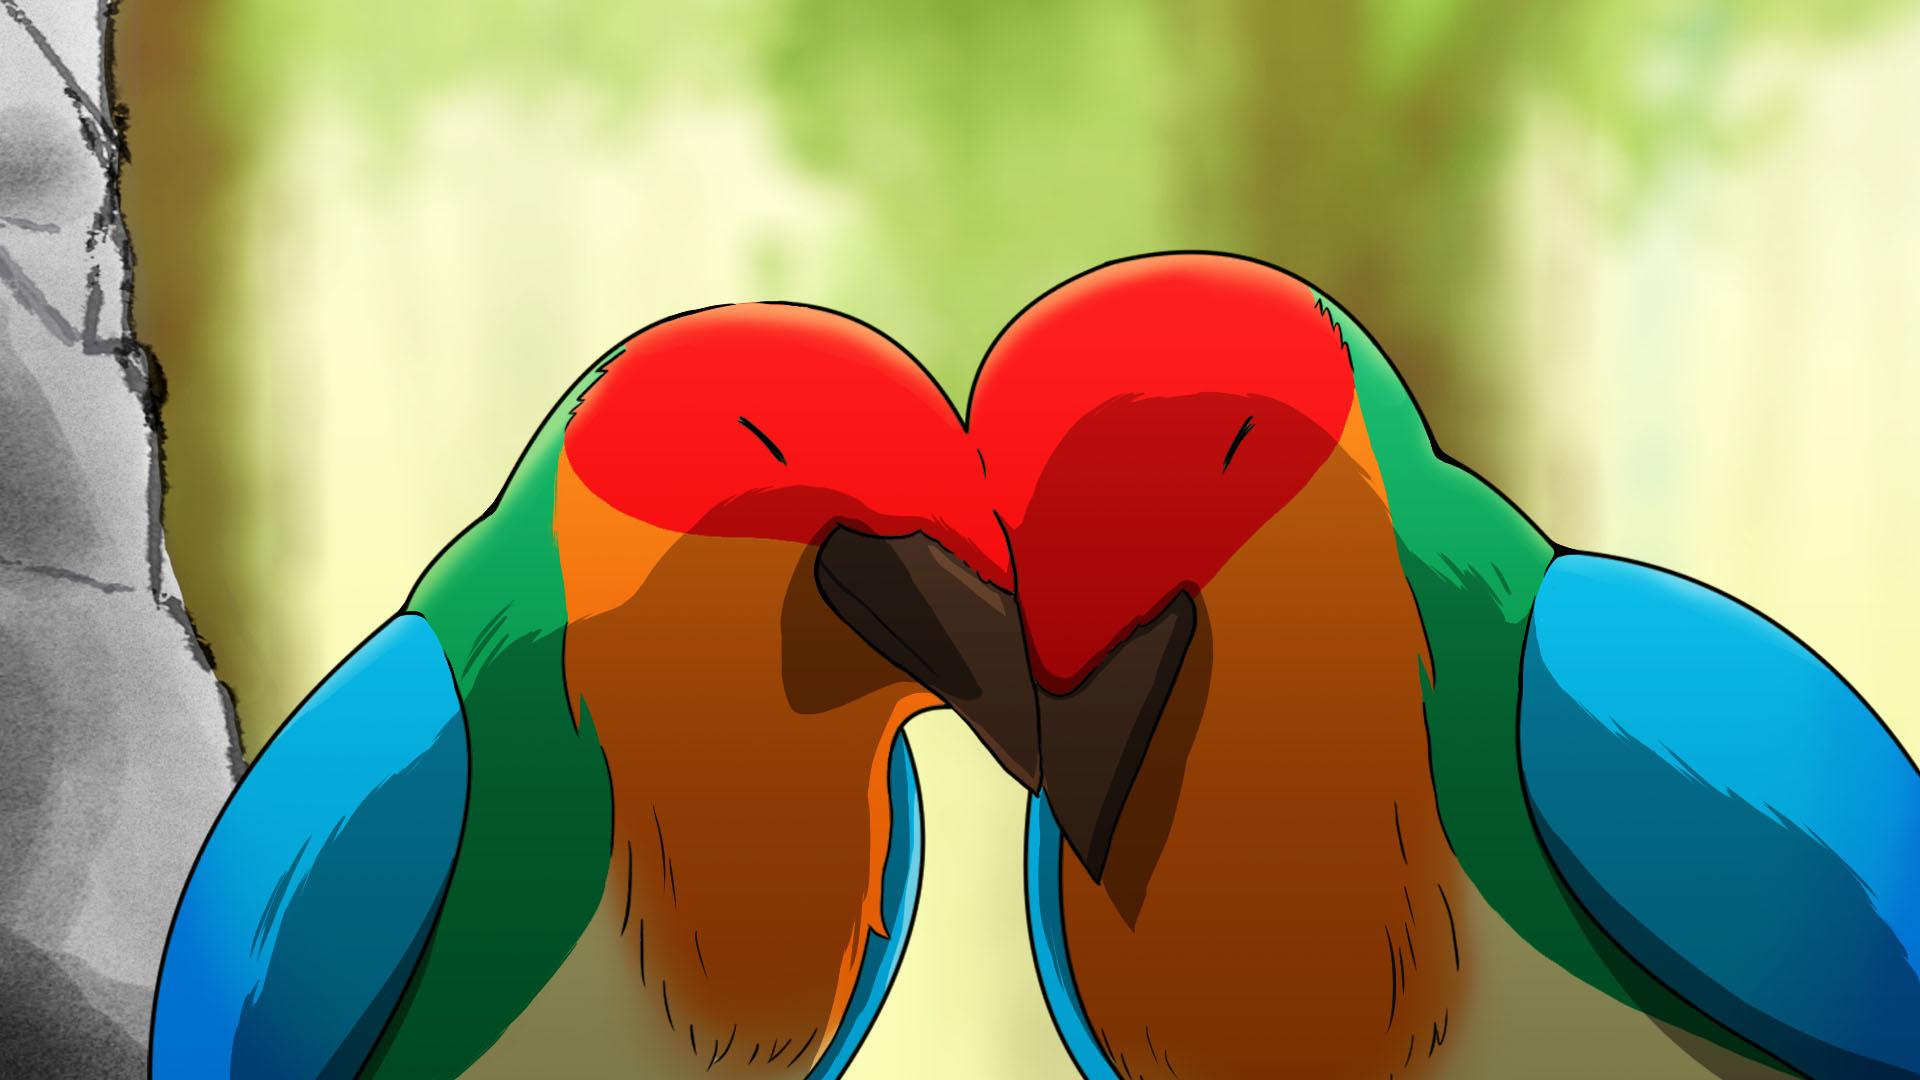 台湾の作家による作品『虹色のカラス』。美しい色彩と示唆に富むストーリー展開で大人も見入ってしまう内容。